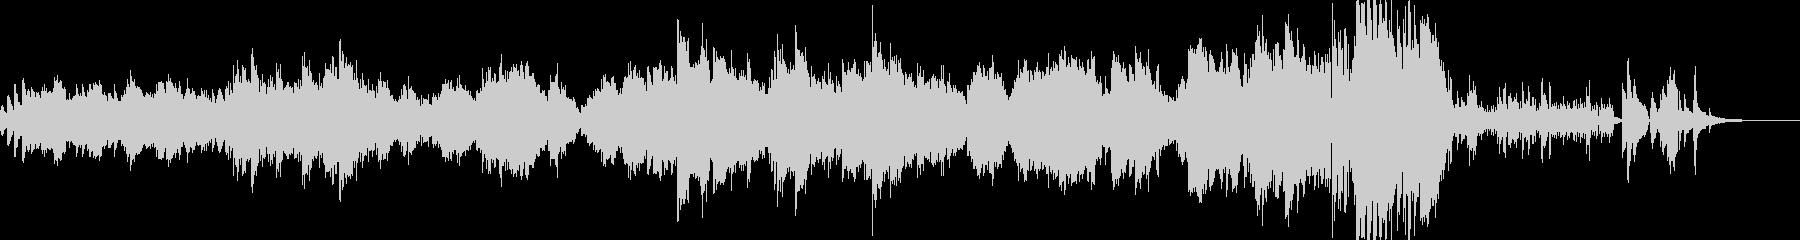 温かみのあるバラード ピアノソロの未再生の波形